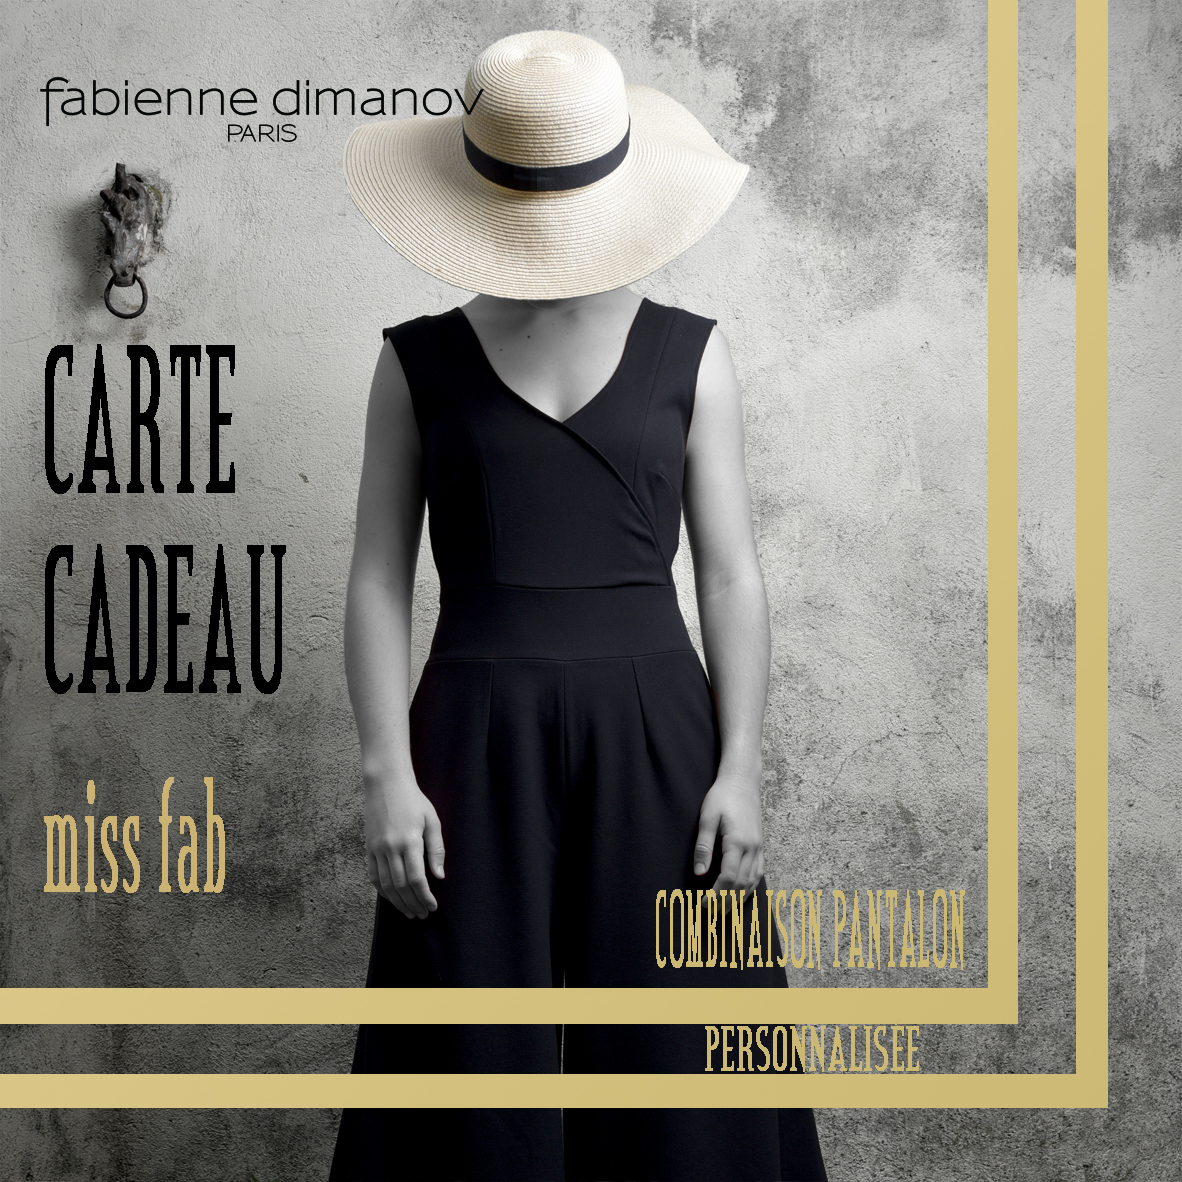 CARTE CADEAU miss fab - COMBINAISON PANTALON - Fabienne Dimanov Paris